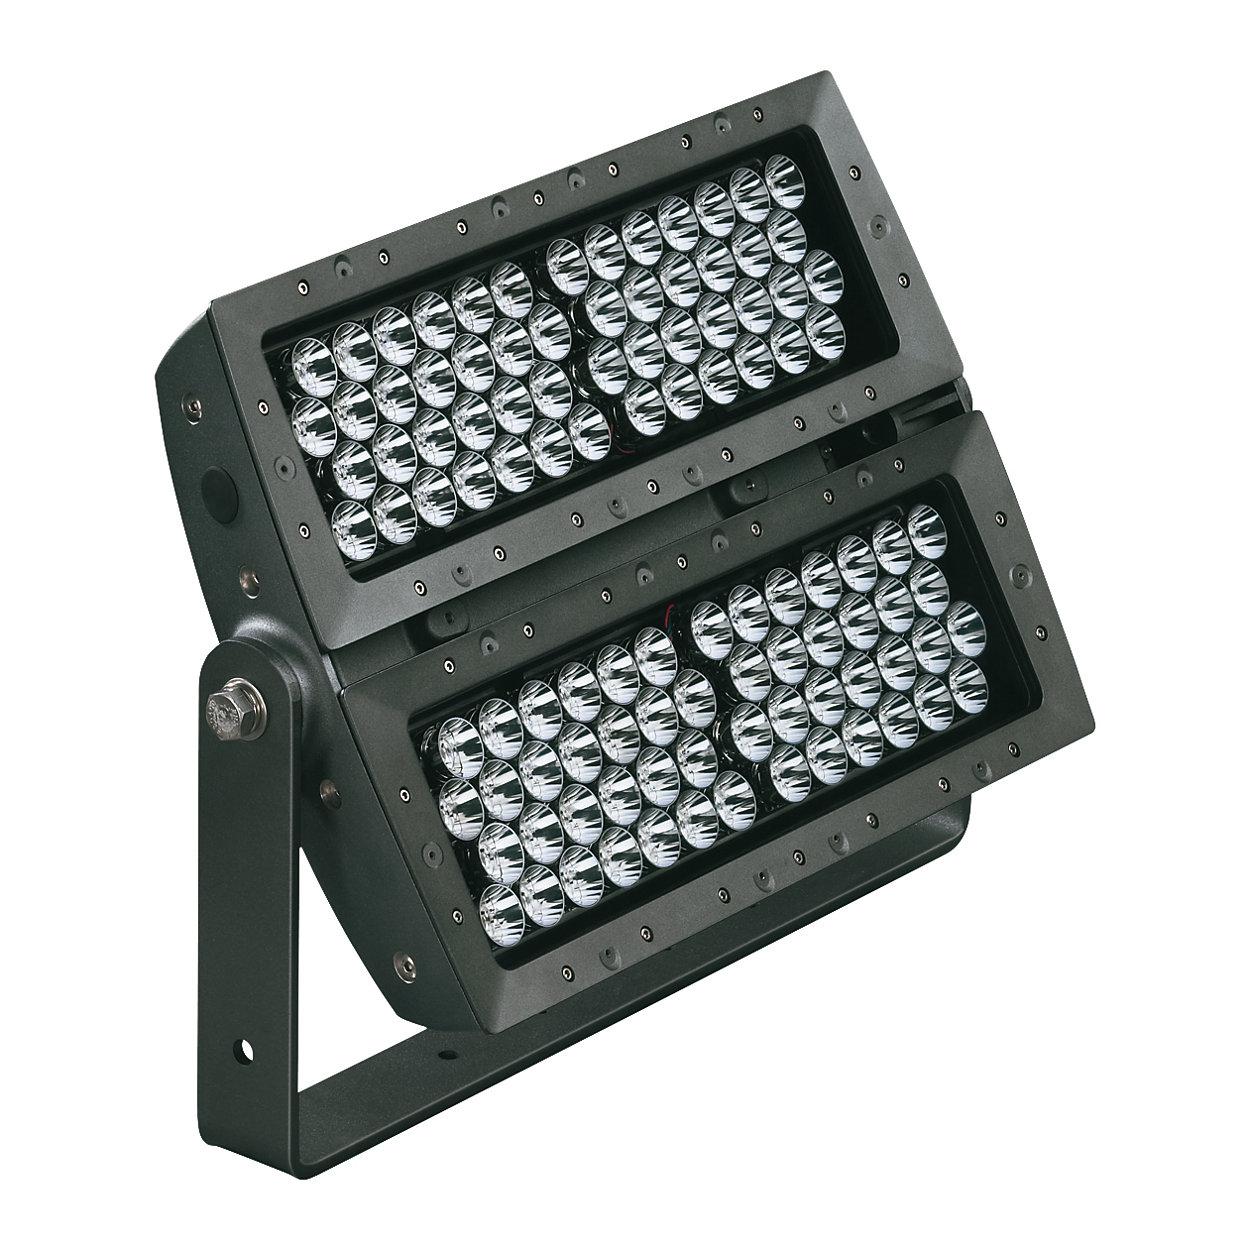 eColor Reach Powercore: Proyector LED de alta calidad para exteriores. Compacto, iluminación a larga distancia con luz de colores inteligente